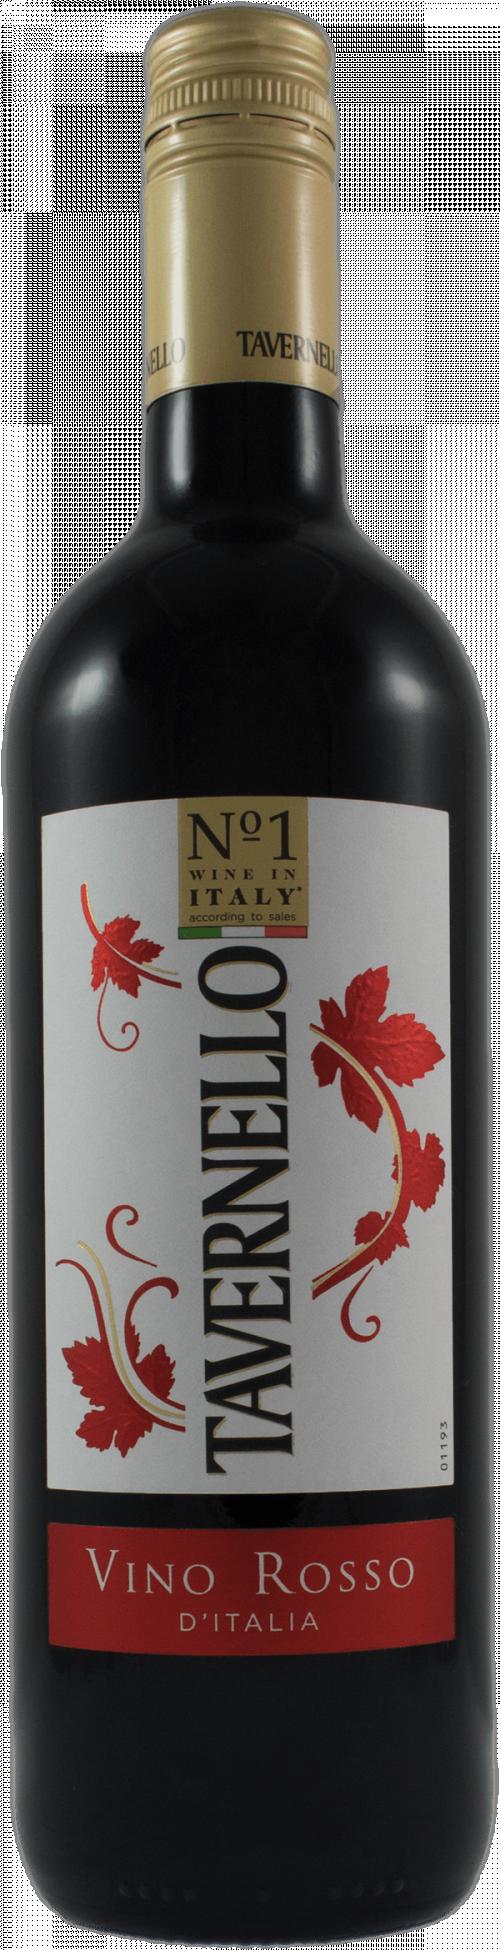 Tavernello Vino Rosso 750ml NV